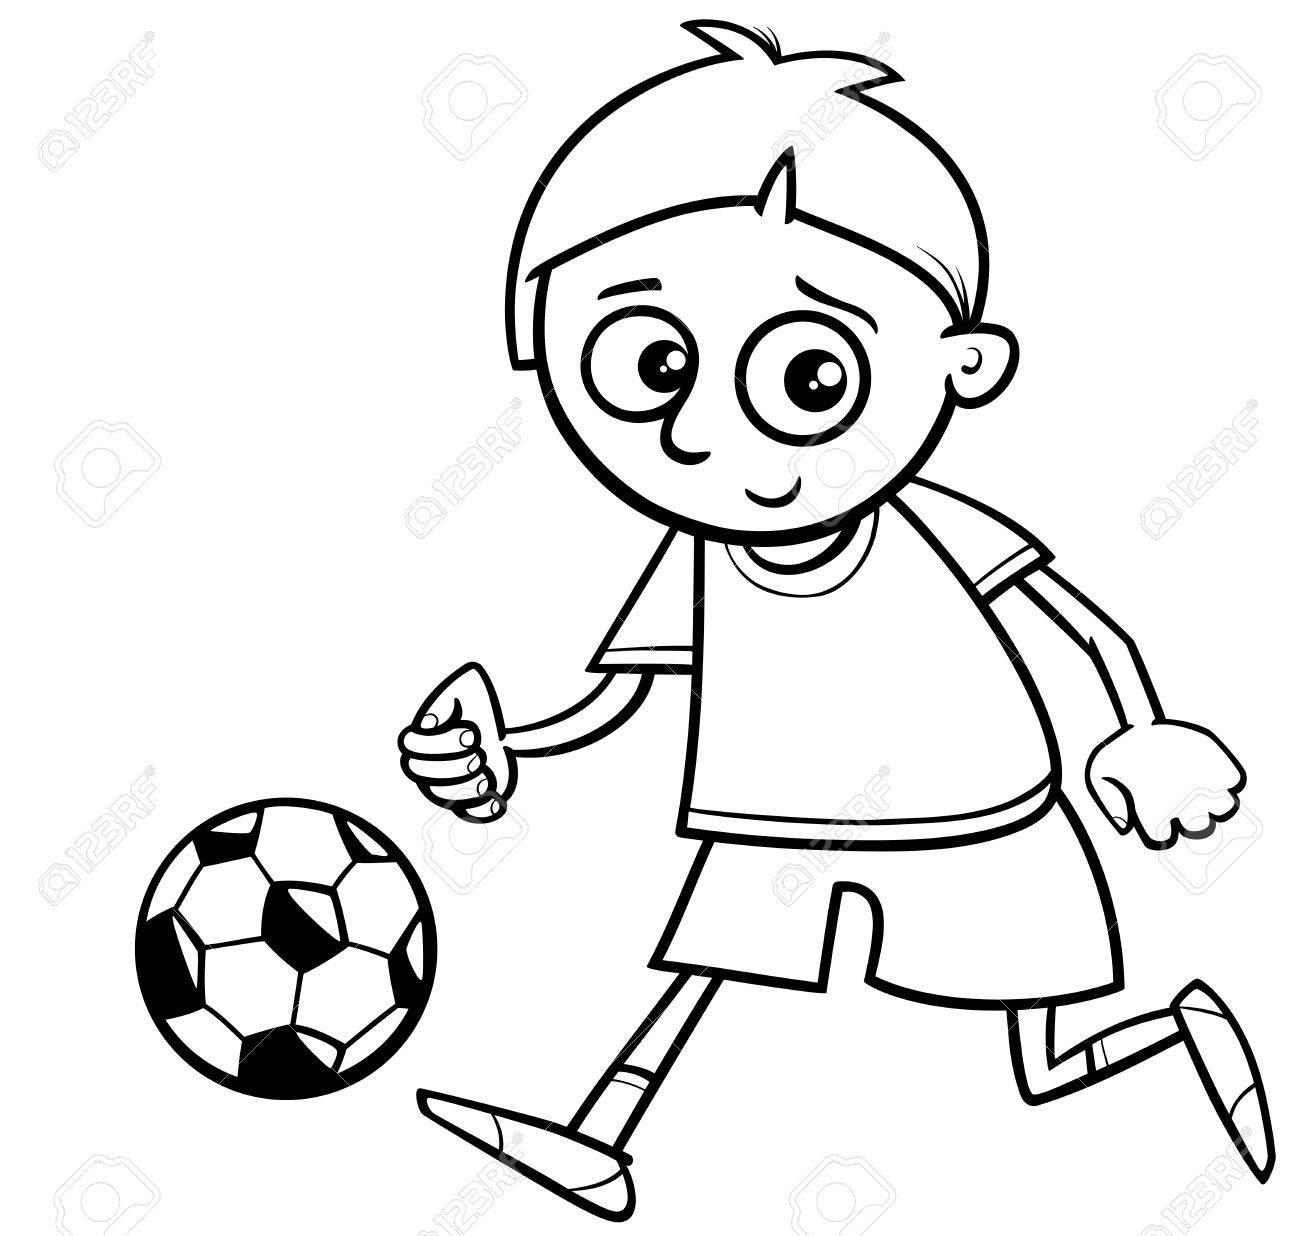 Schwarz Und Weiß Karikatur Illustration Der Junge, Der Fußball Oder ...